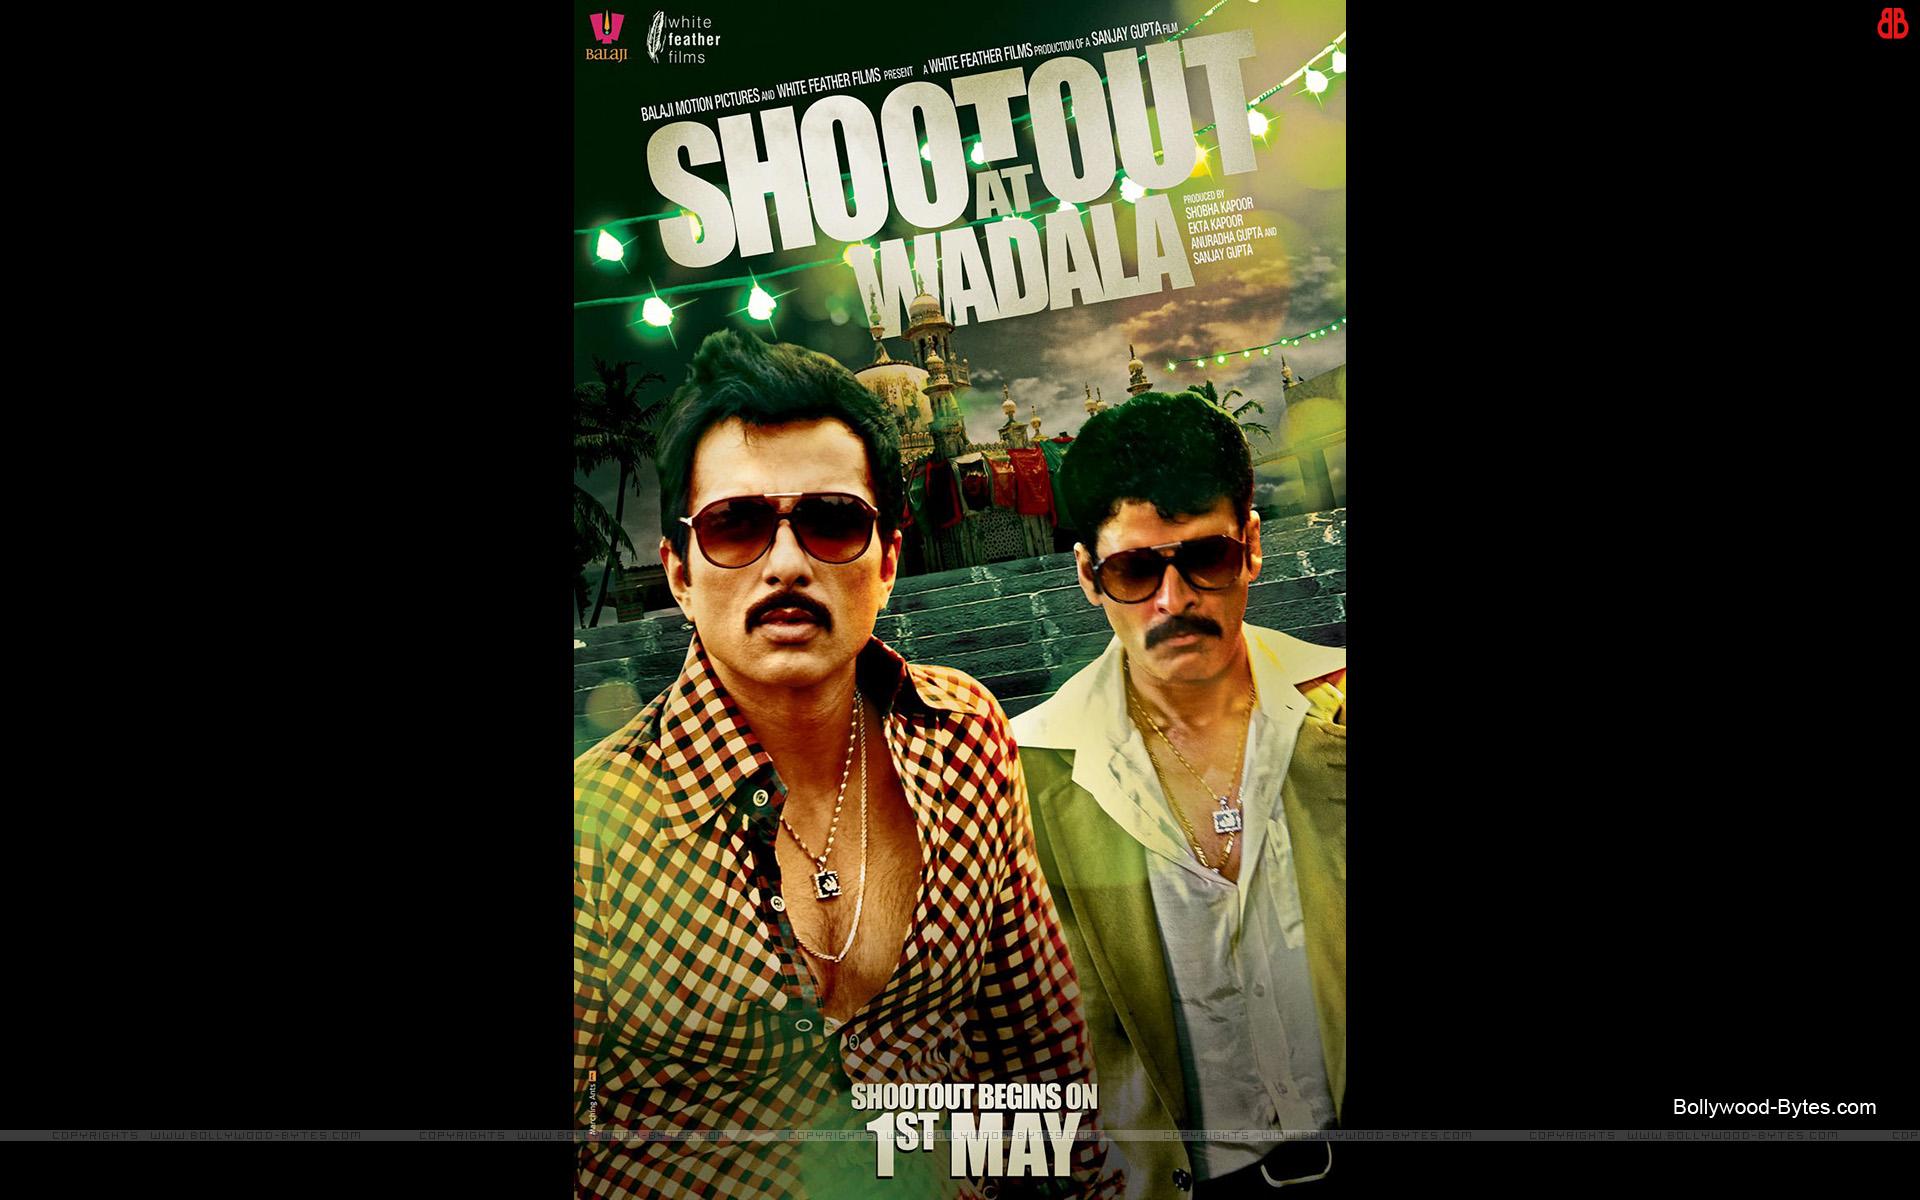 http://3.bp.blogspot.com/-y1R2igMwQho/UQ1eAmnG4zI/AAAAAAAAaOA/gBASzoyxx7A/s1920/Shootout-at-Wadala-+Sonu-Sood-Manoj-Bajpai-HD-Wallpaper-03.jpg